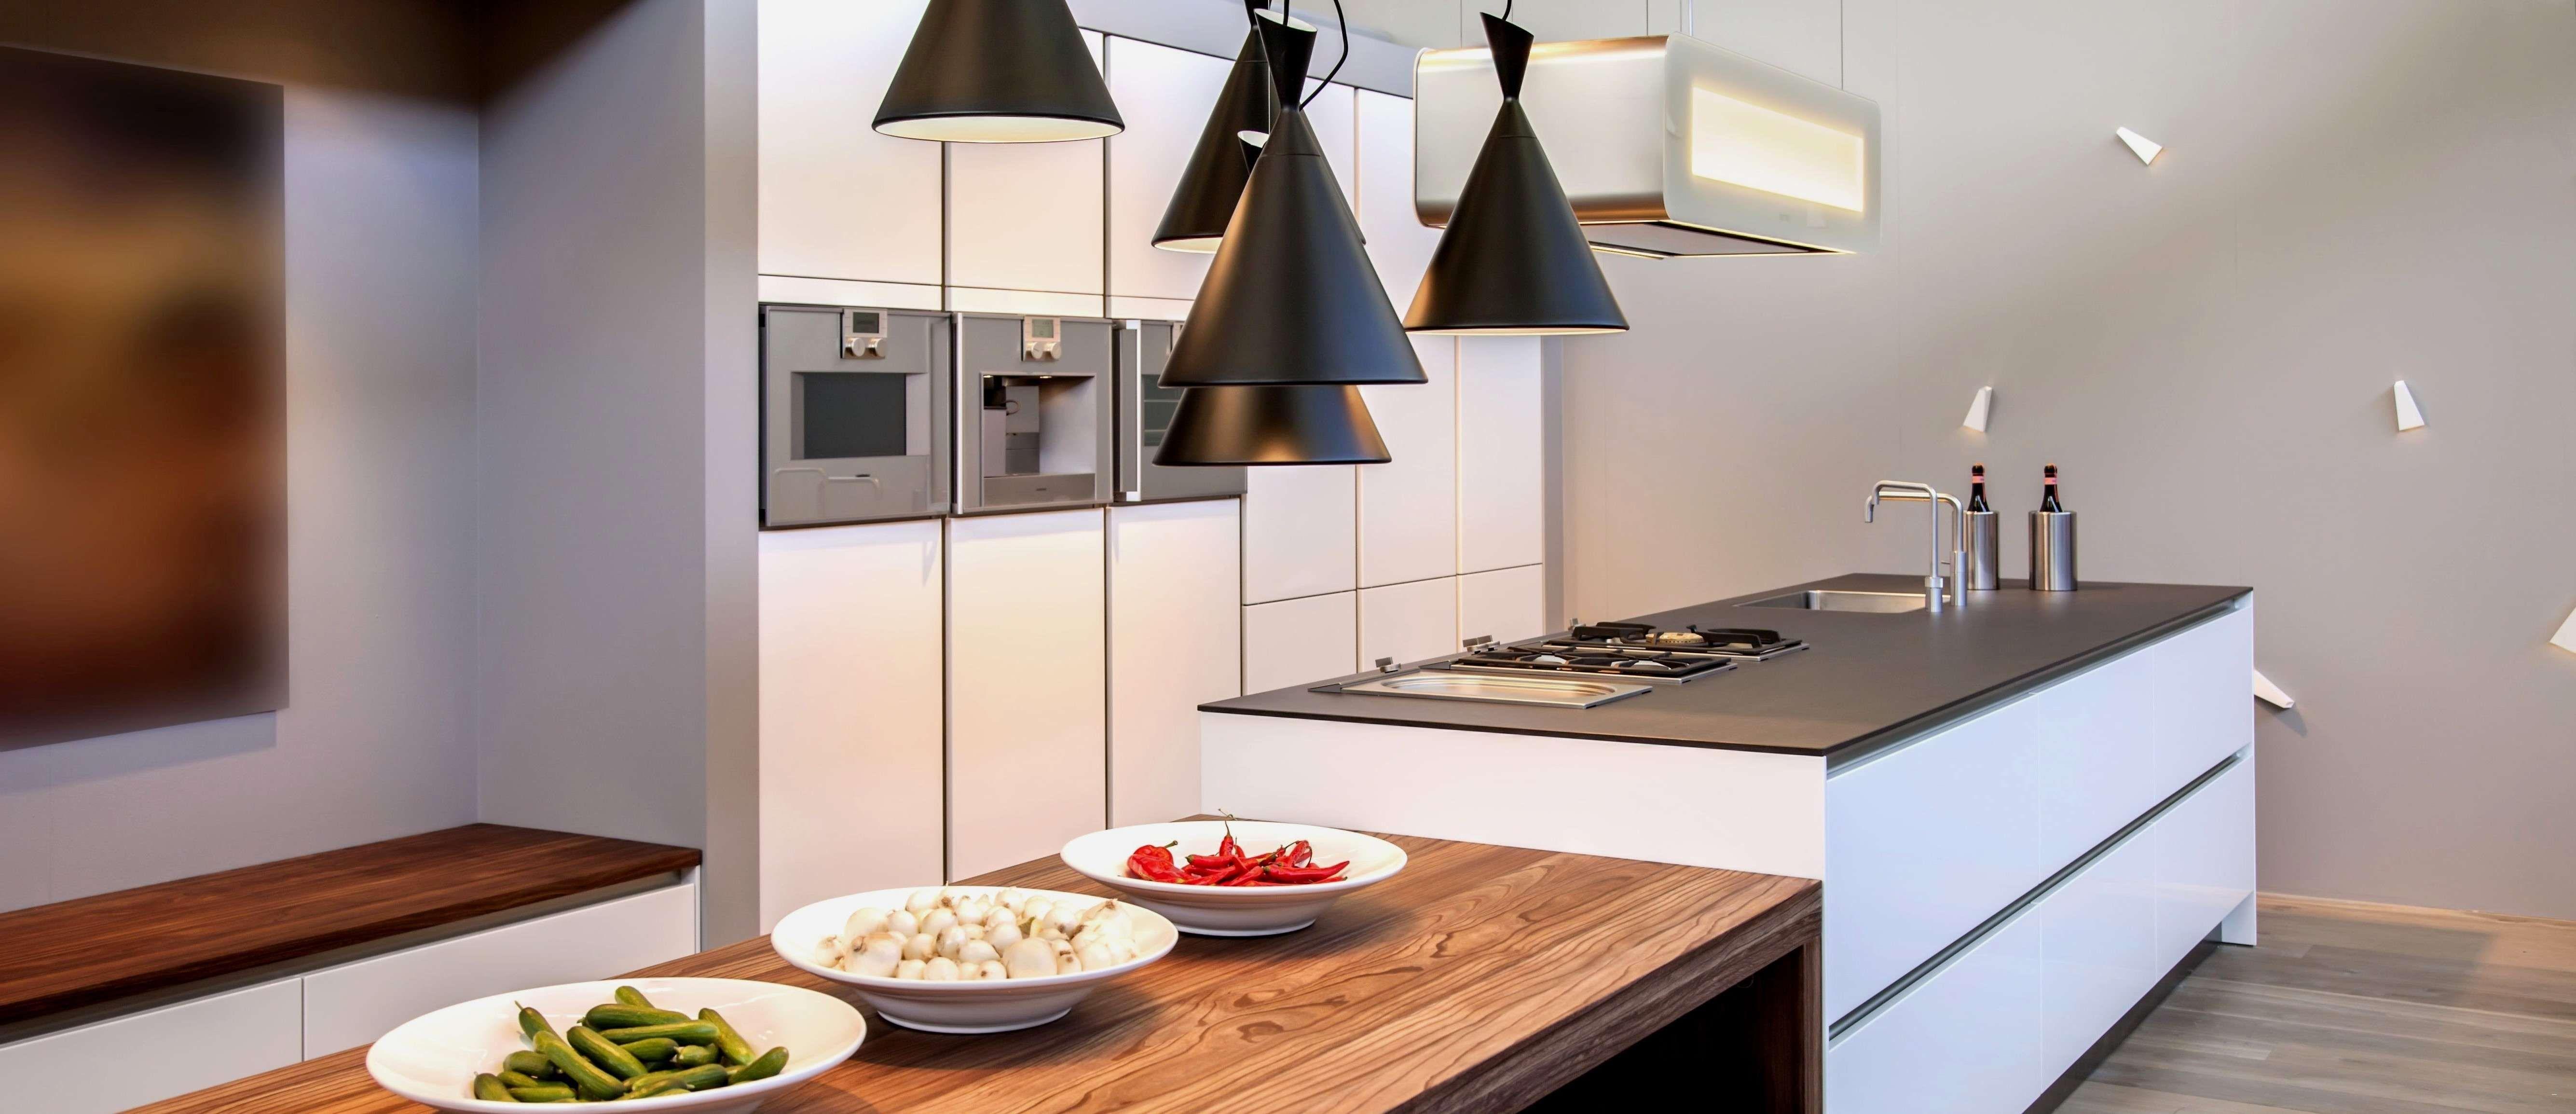 39 Inspirierend Kuchenruckwand Lavendel Kitchen In 2018 Pinterest